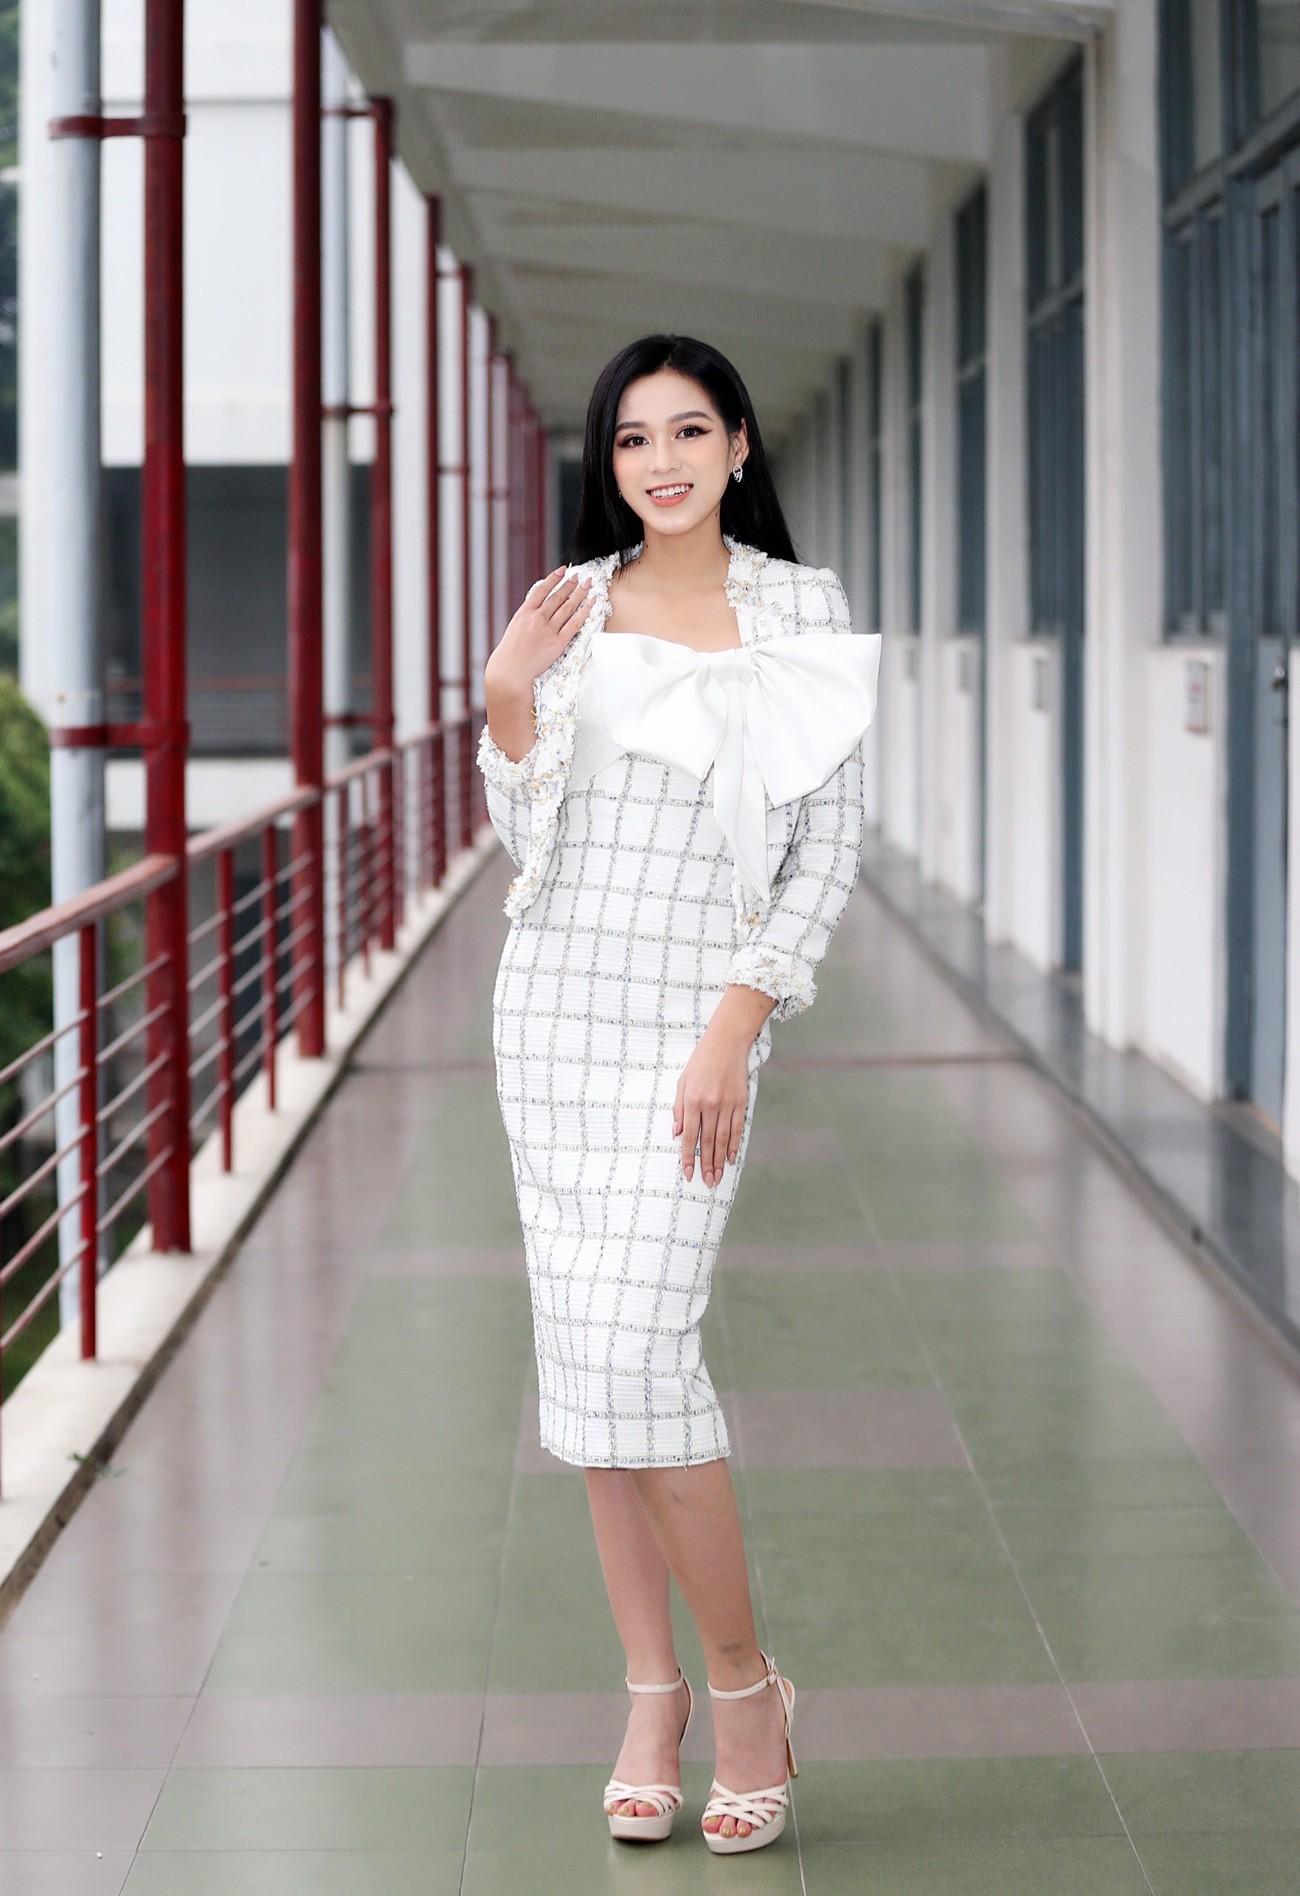 Hoa hậu Đỗ Thị Hà và Á hậu Phương Anh, Ngọc Thảo giản dị vẫn cực xinh đẹp ảnh 1